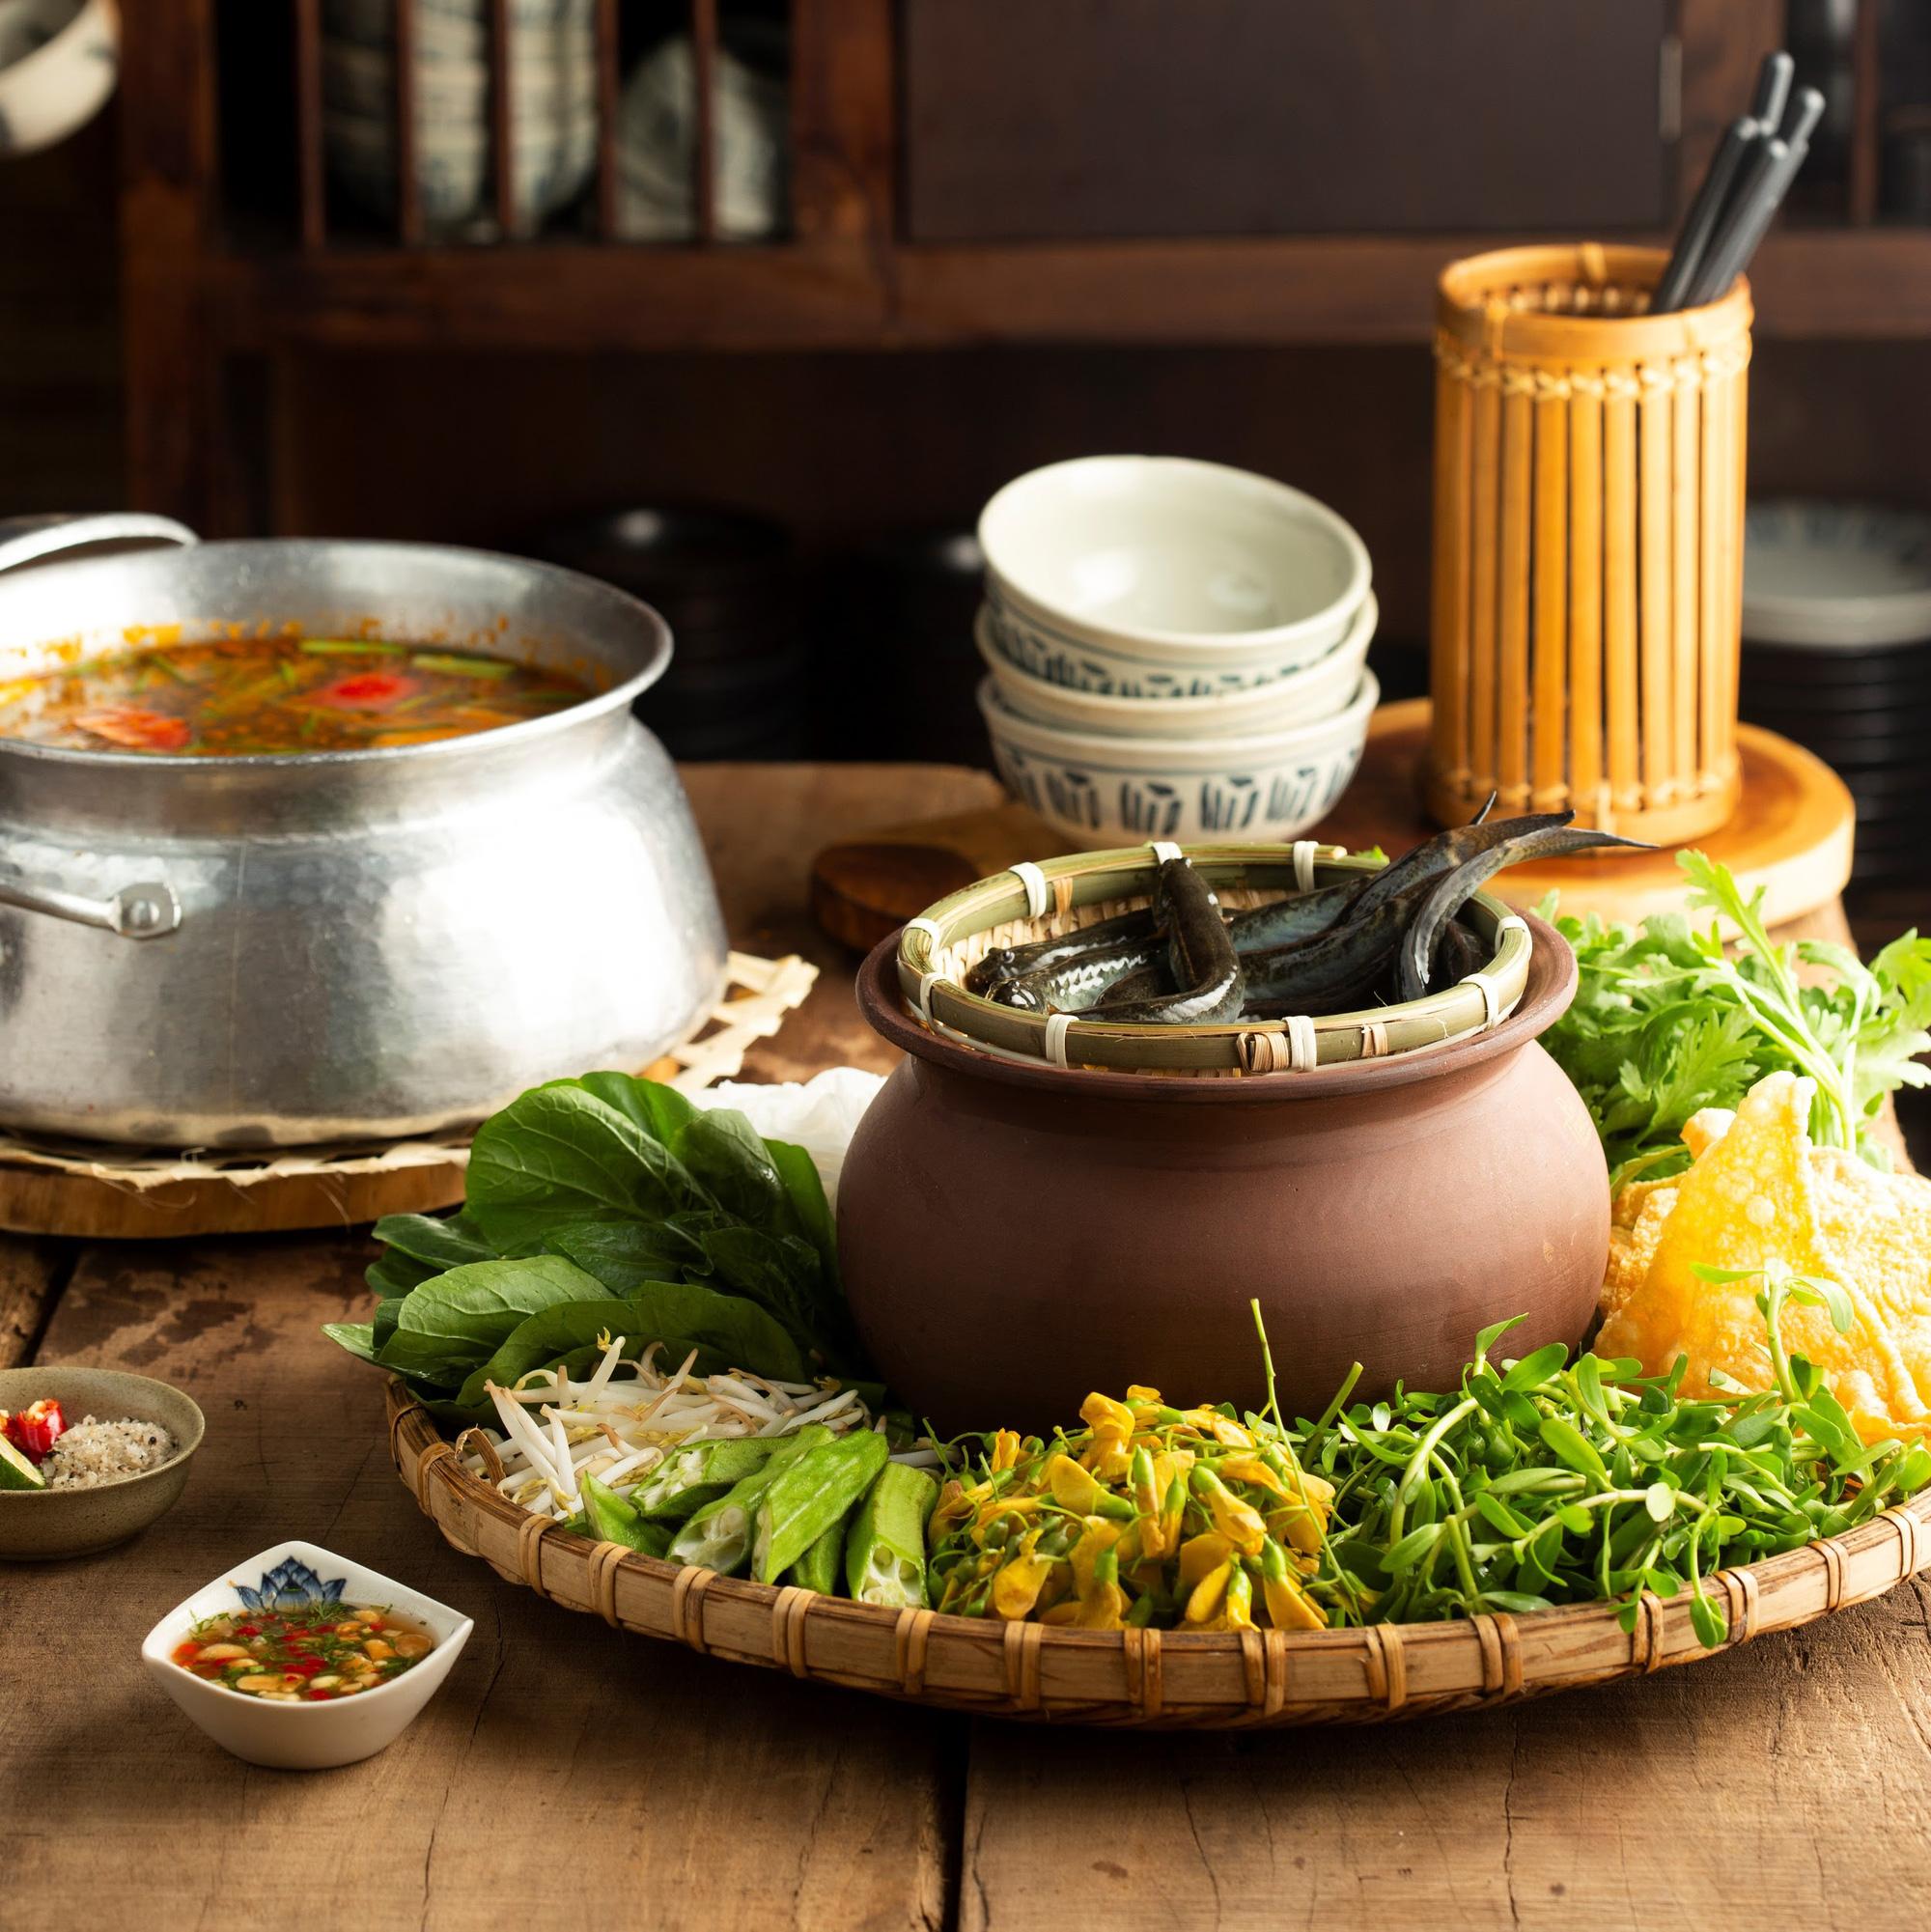 Cầm 200.000Đ trong tay, đã bao giờ bạn nghĩ đến việc trải nghiệm các nhà hàng món Việt? - Ảnh 2.